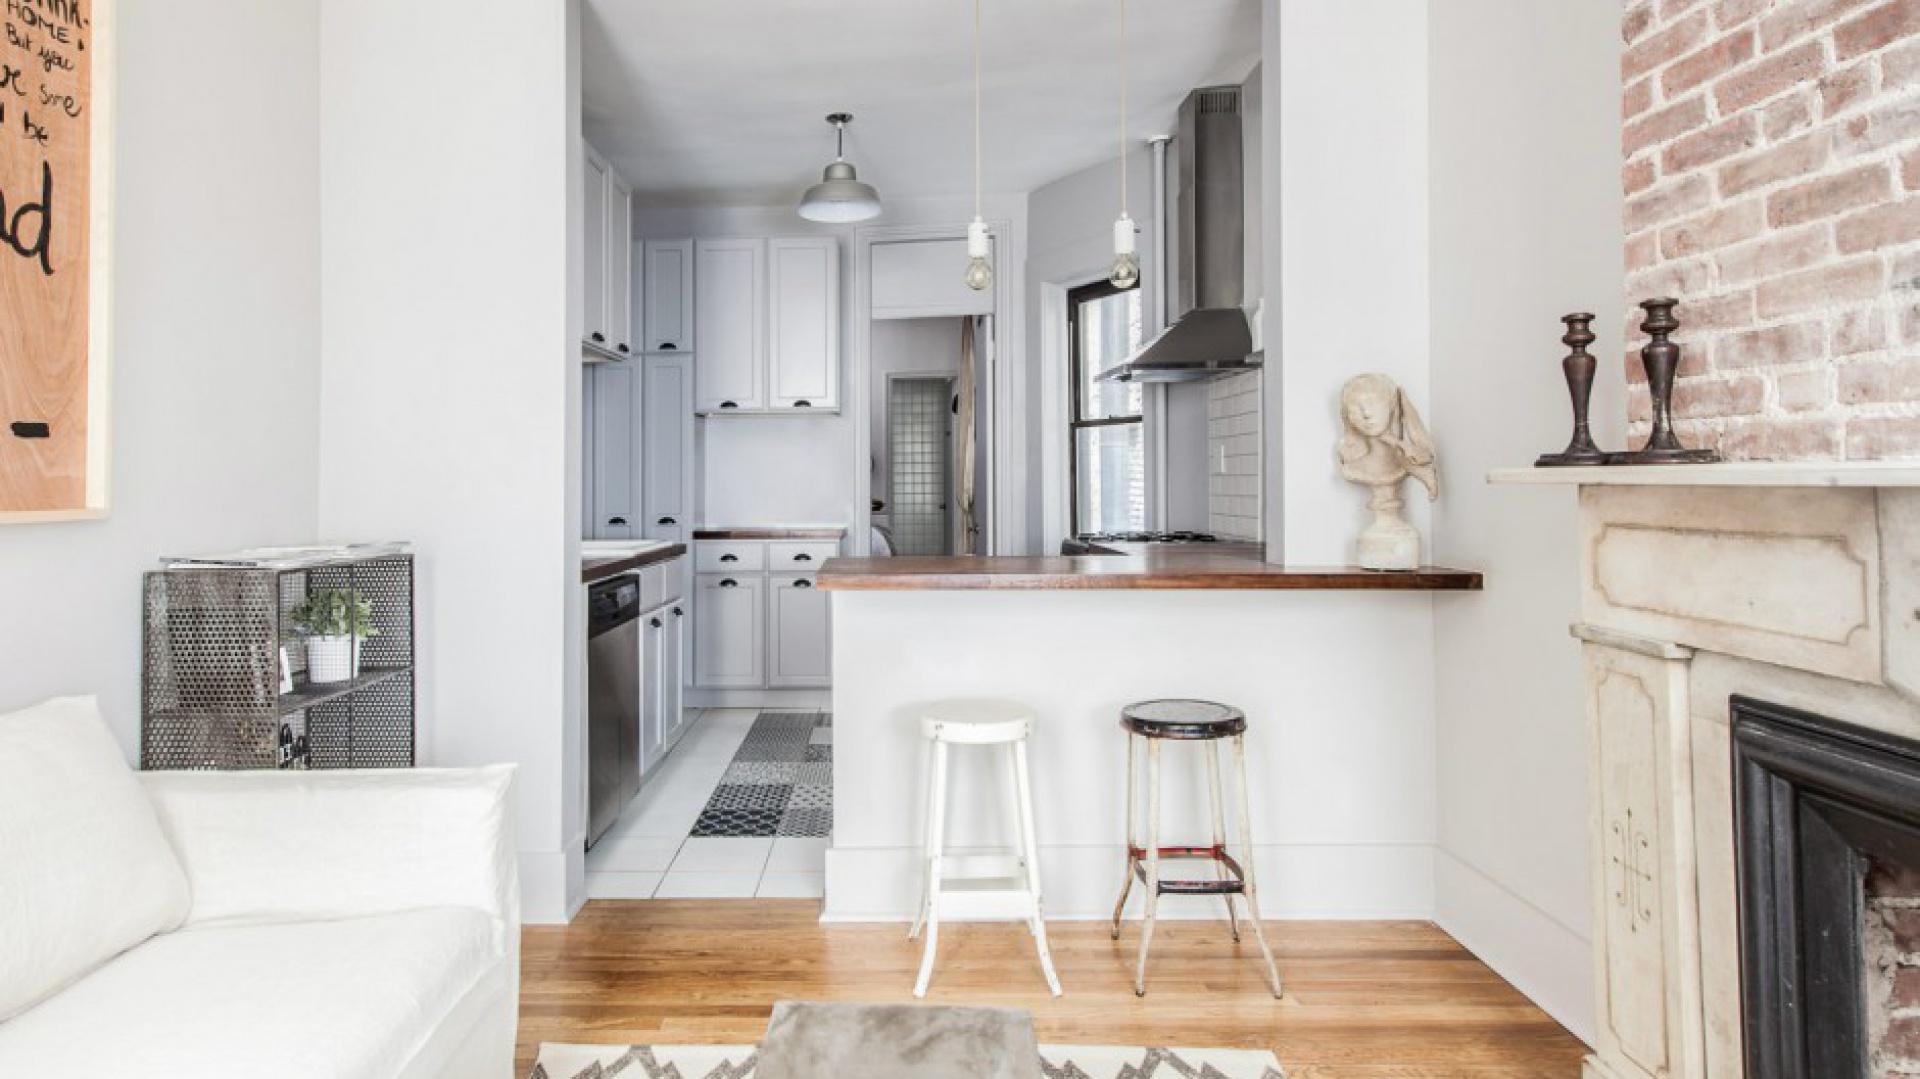 Kuchnię wpasowano we wnękę, połączoną z sypialnią, za którą w rzędzie umieszczono łazienkę. Salon od kuchni oddziela barek śniadaniowy, przy którym ustawiono lekkie, metalowe stołki. Projekt: Fanny Abes, The New Design Project. Fot. Alan Gastelum.